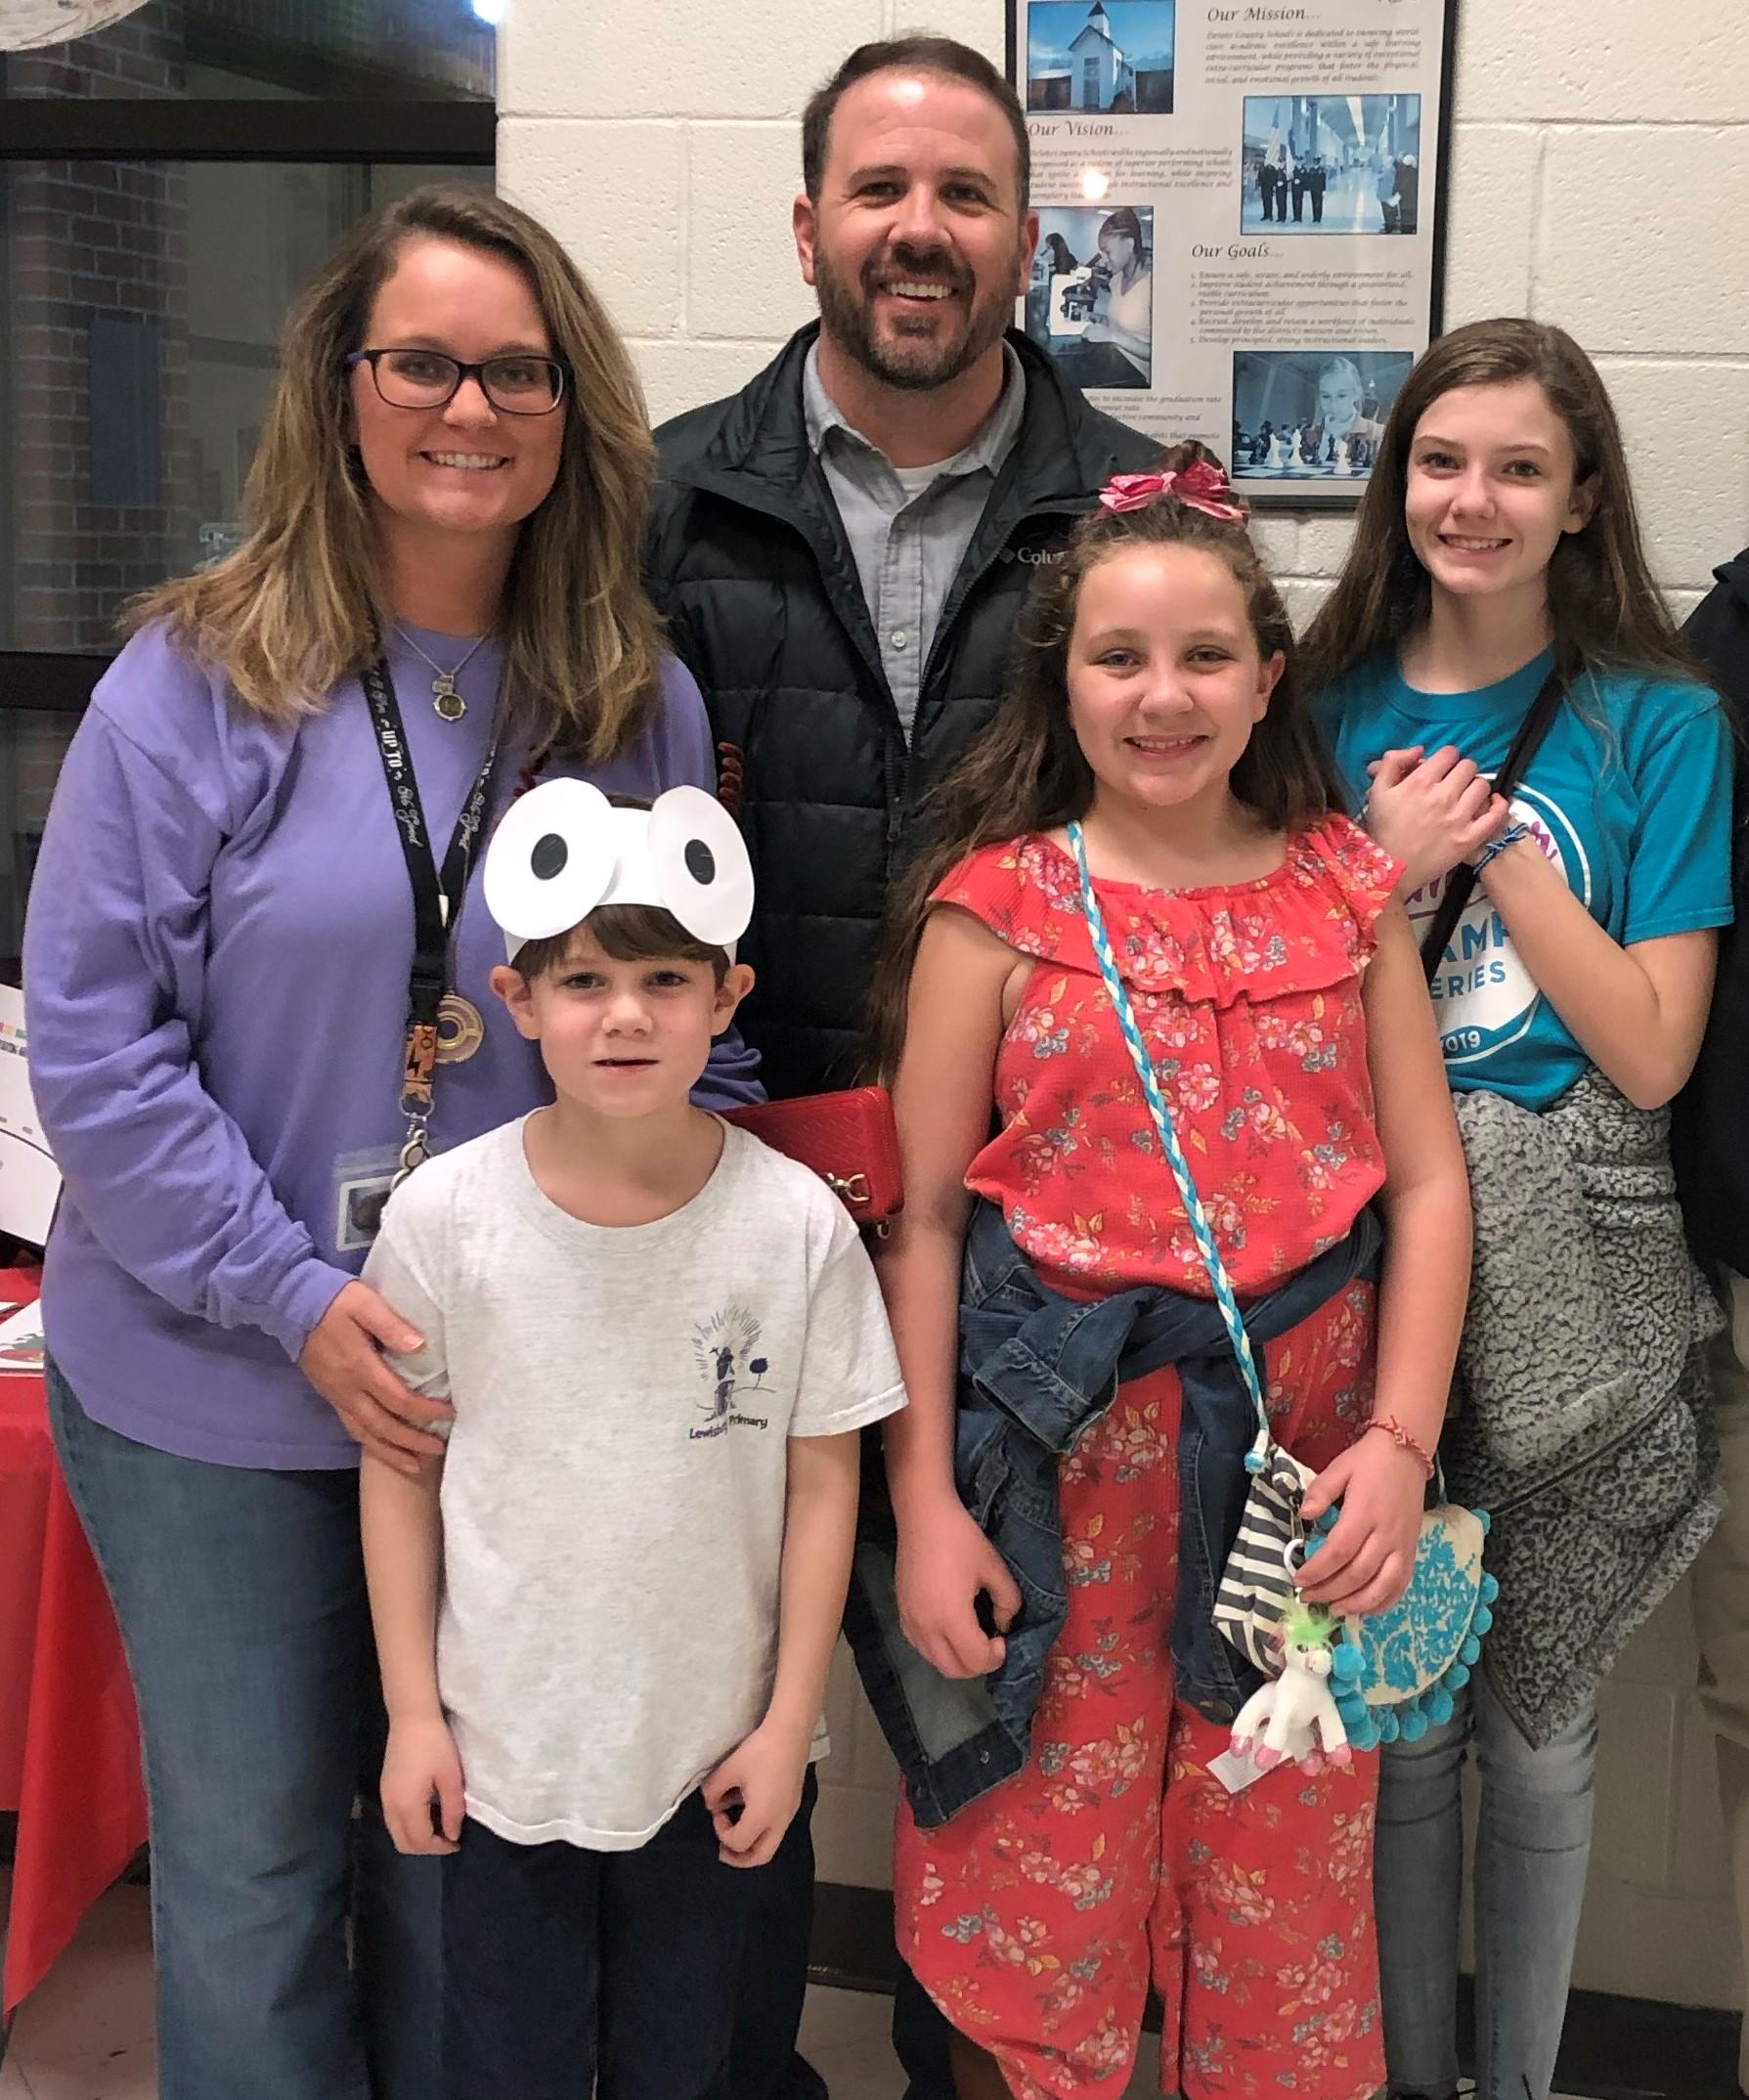 Eli, 6; Emma, 10; Ashlynn, 12; Spring 2020